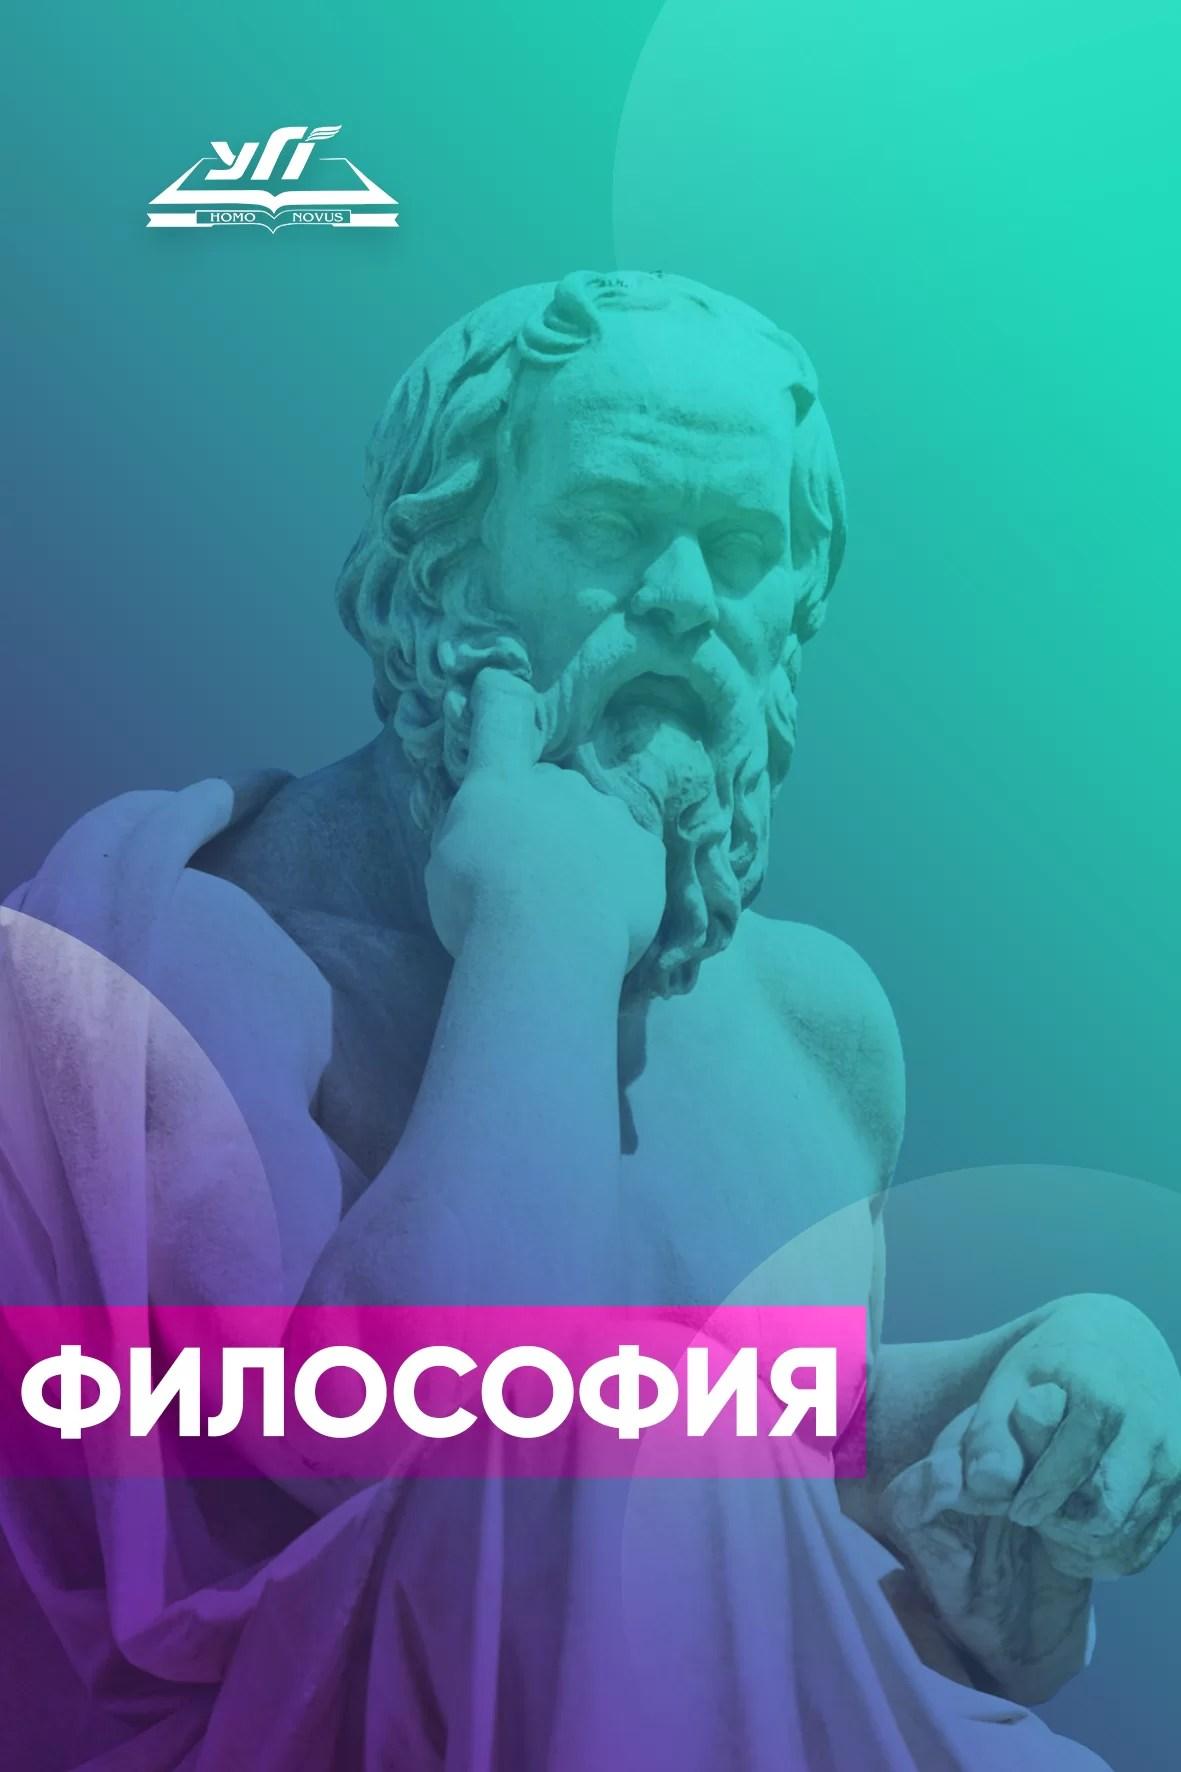 filosof